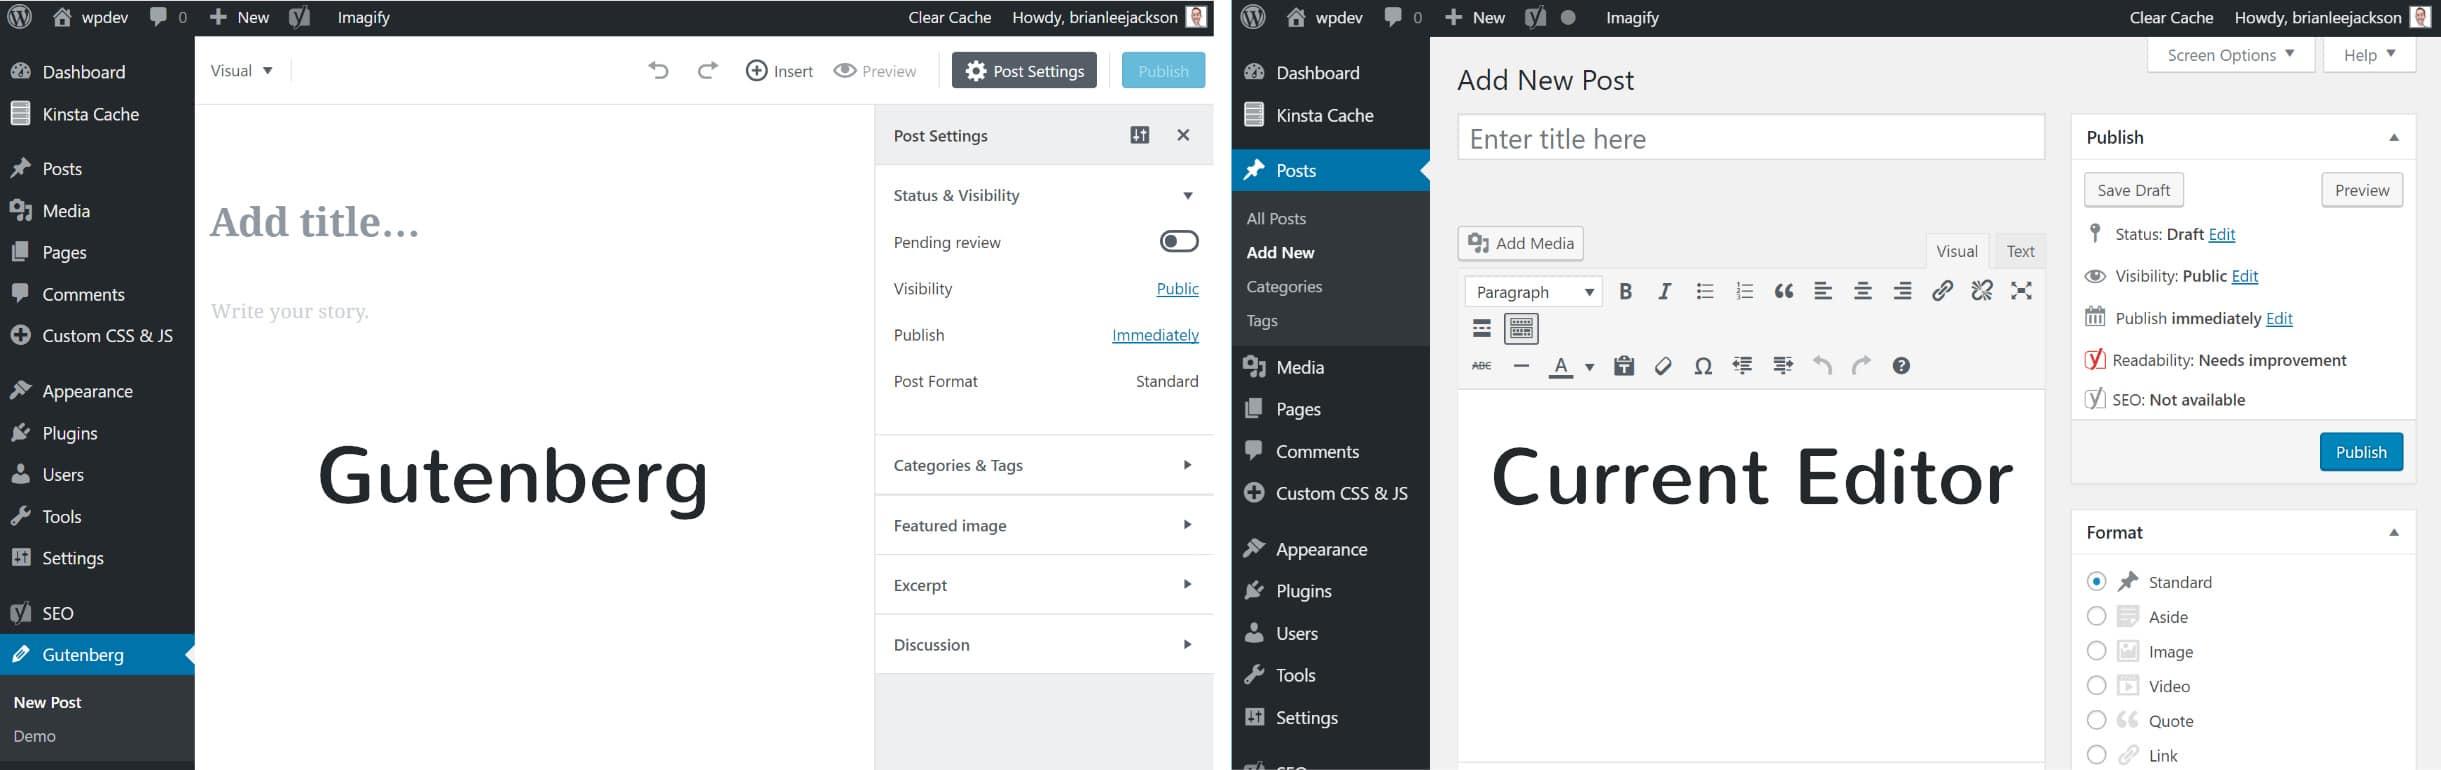 Jämförelse mellan Gutenberg vs nuvarande redigerare